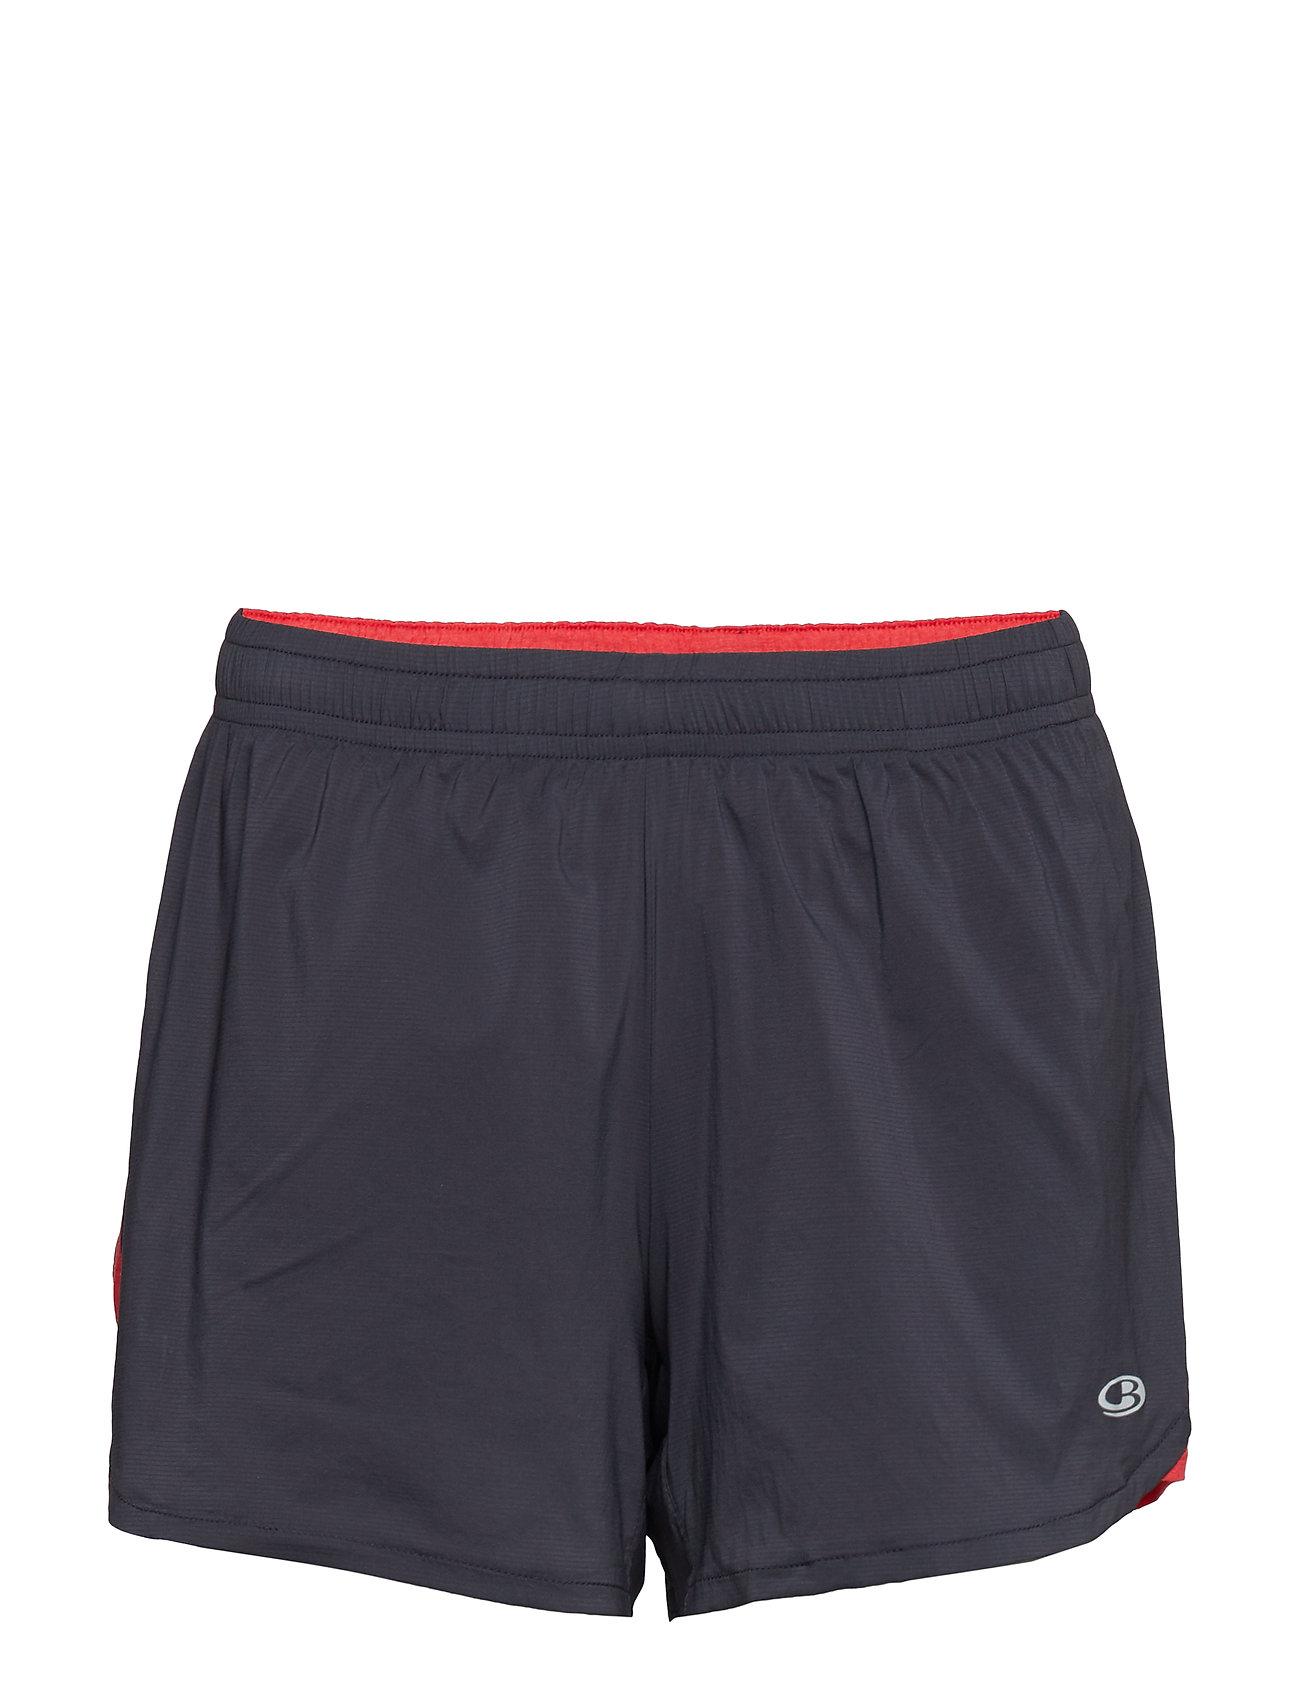 Icebreaker Wmns Impulse Running Shorts Shorts